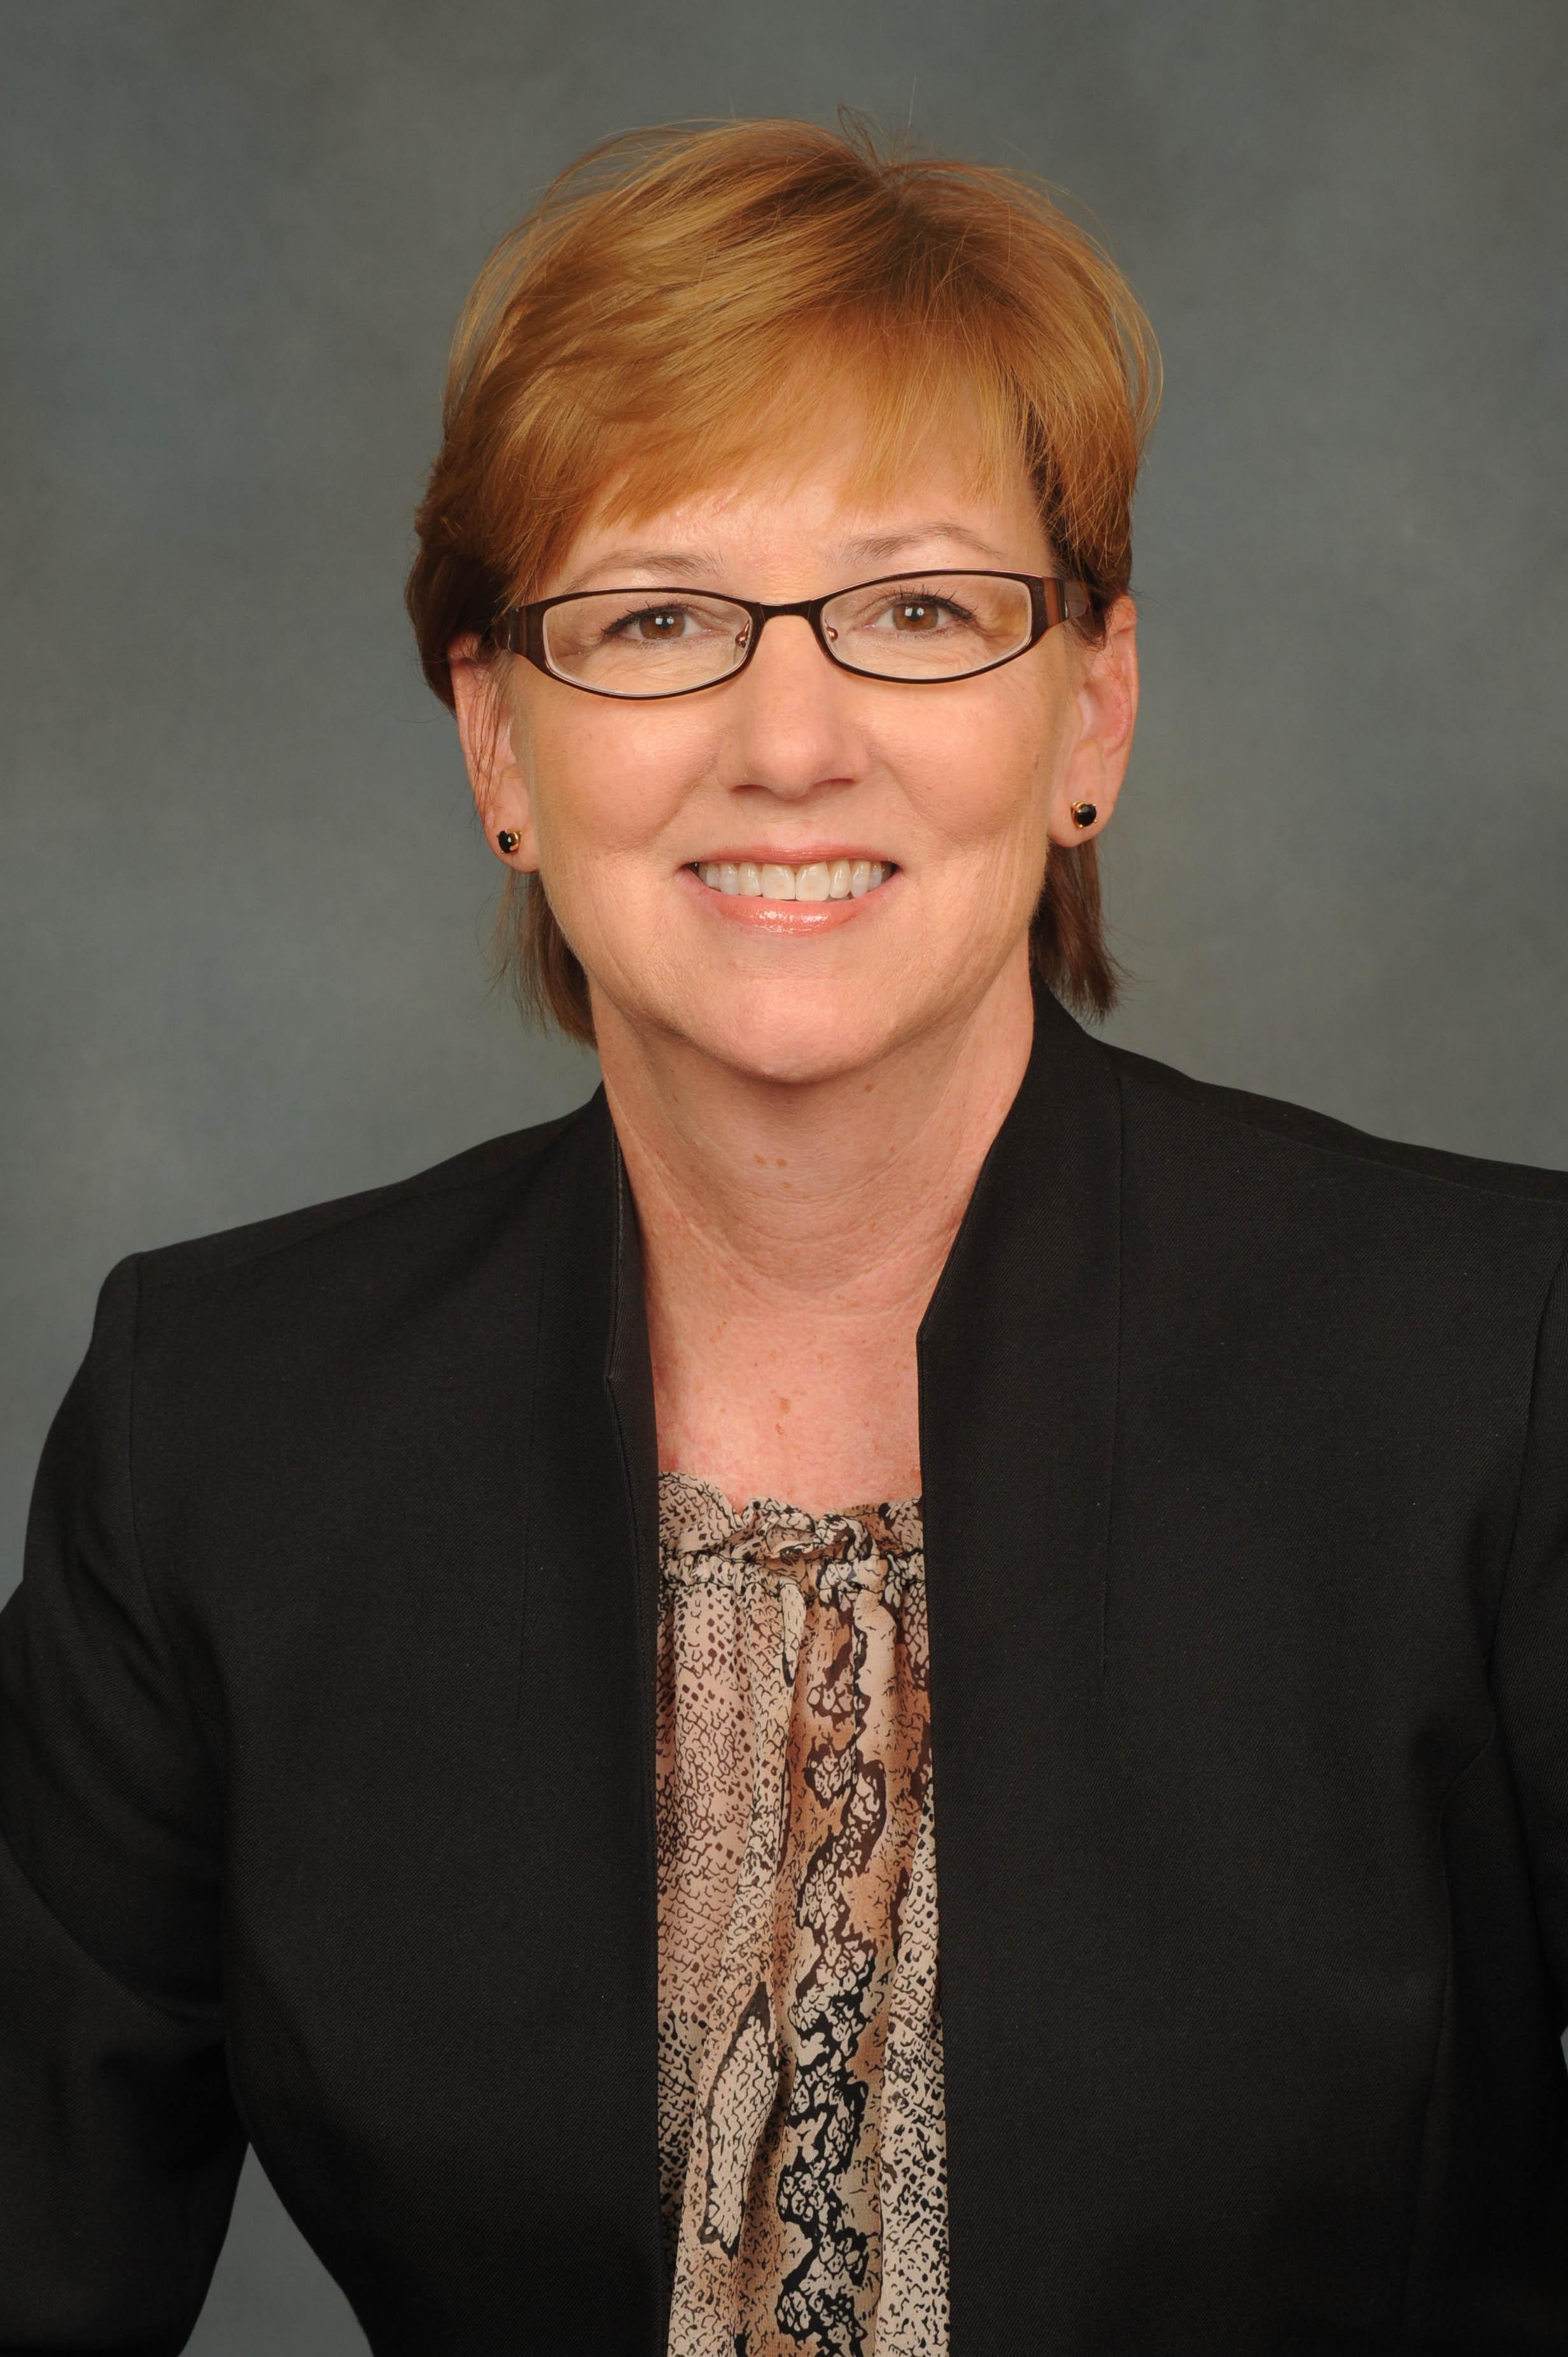 Lisa Lochridge